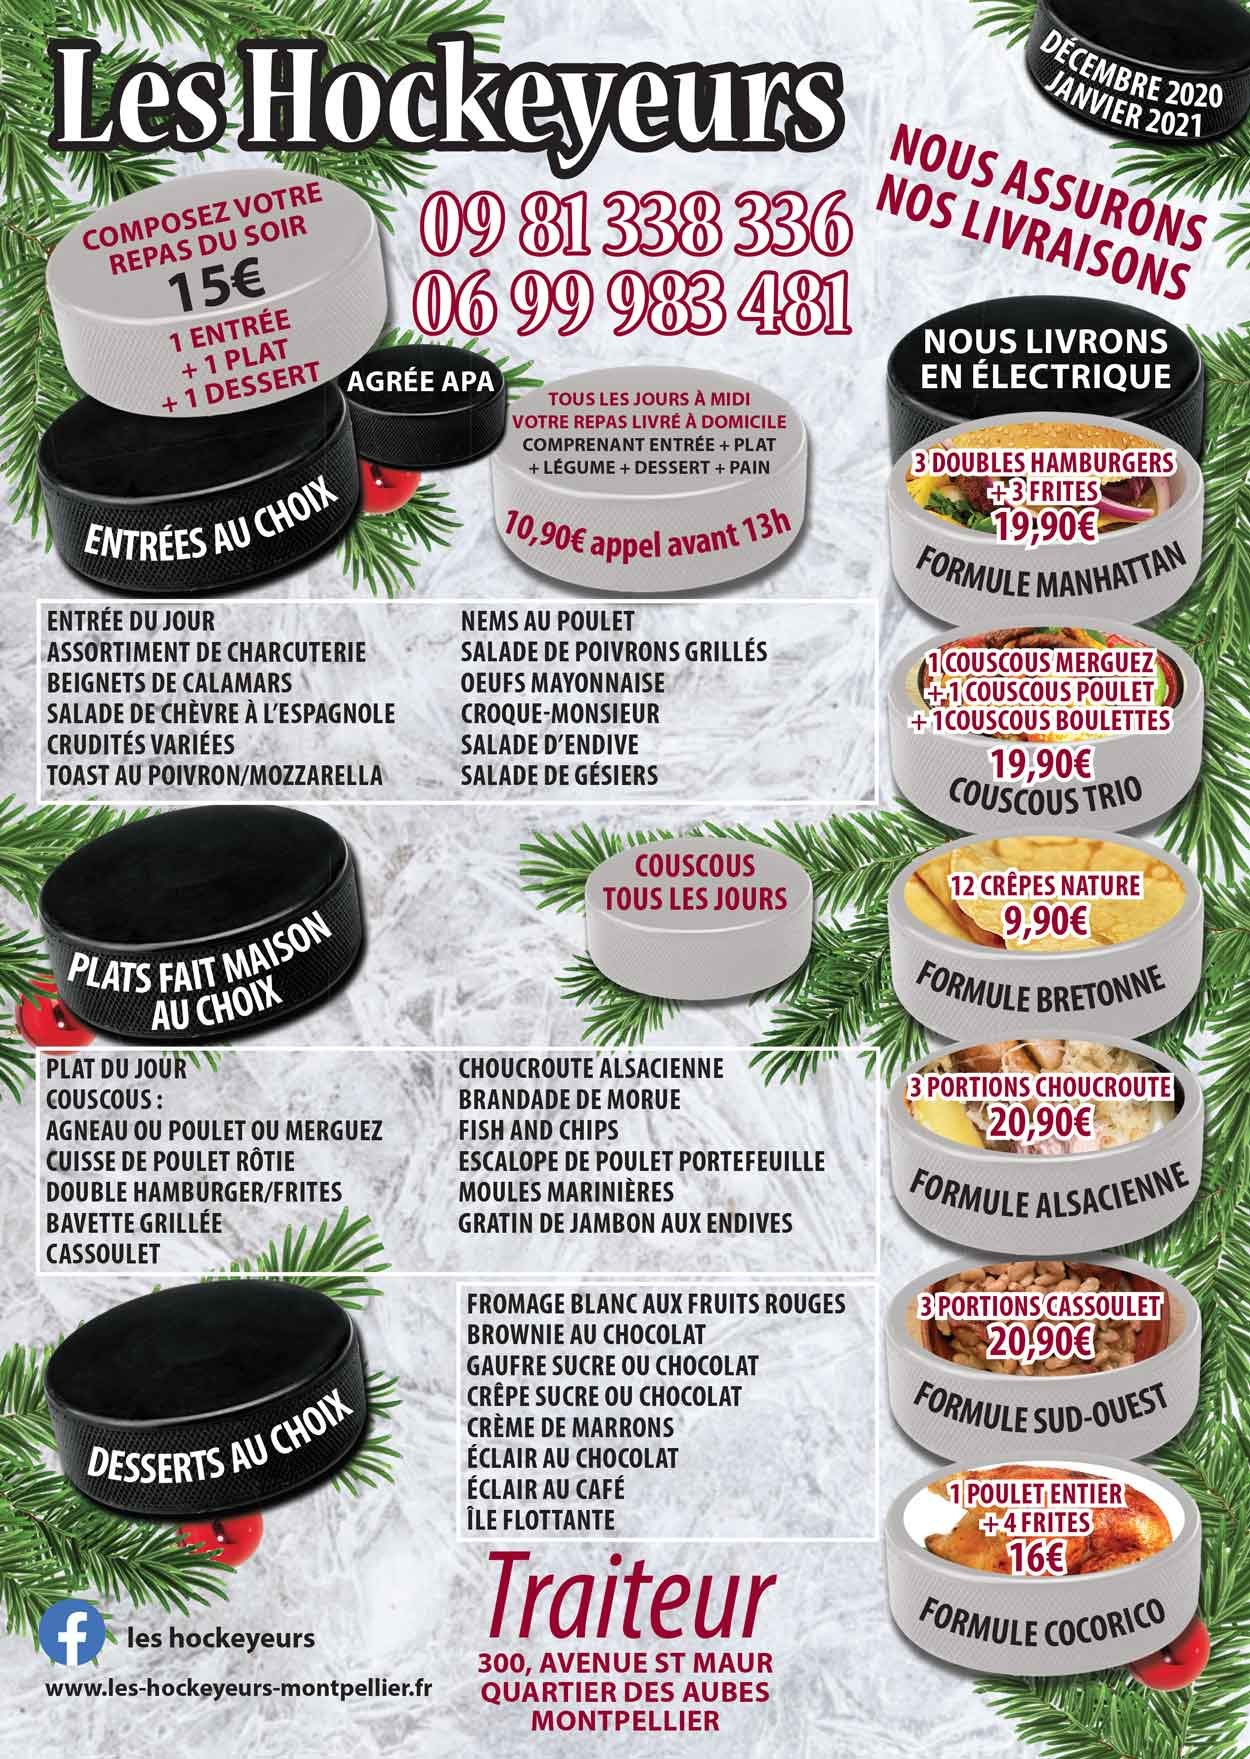 livraison repas clic & collect montpellier